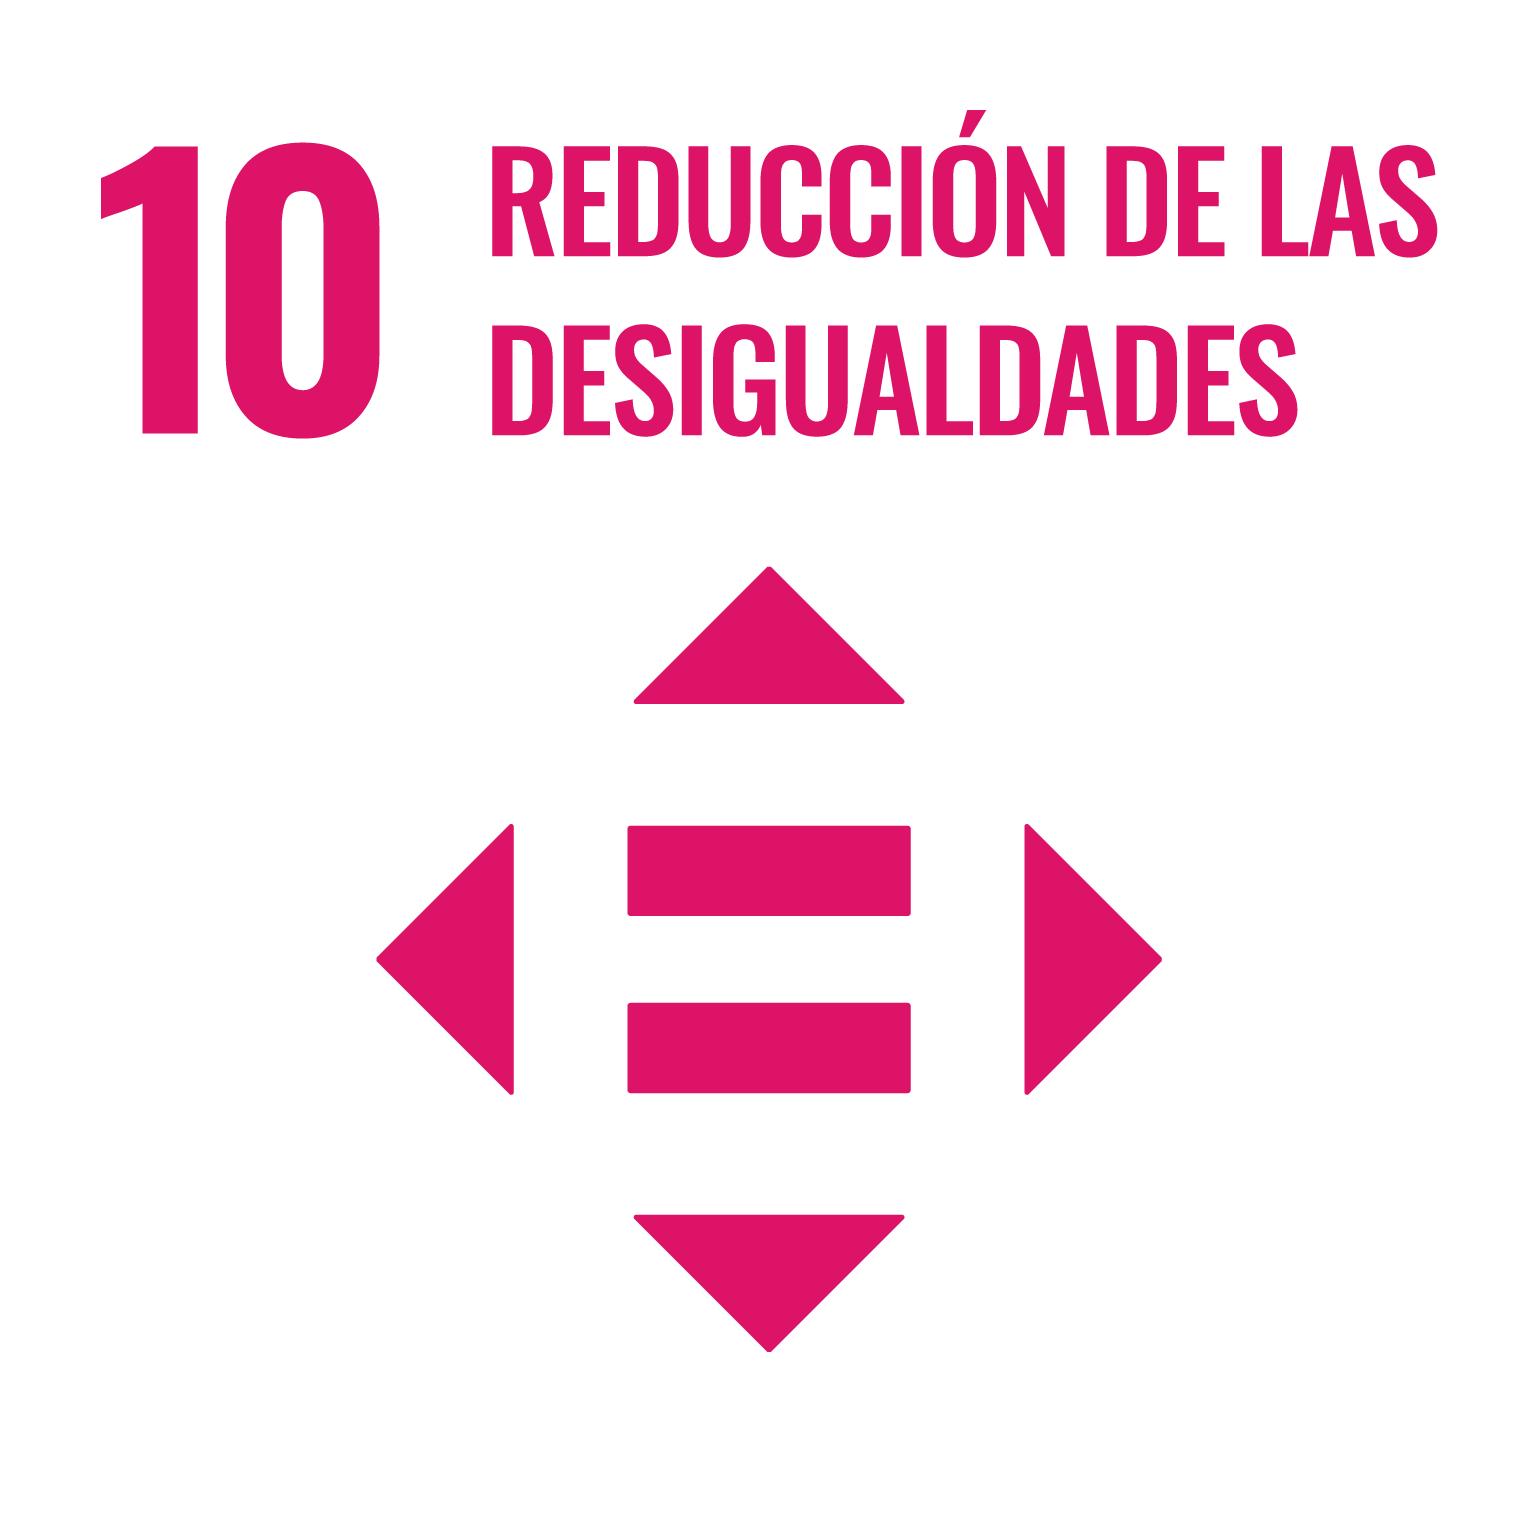 Icono del Objetivo de Desarrollo Sostenible Reducción de las desigualdades